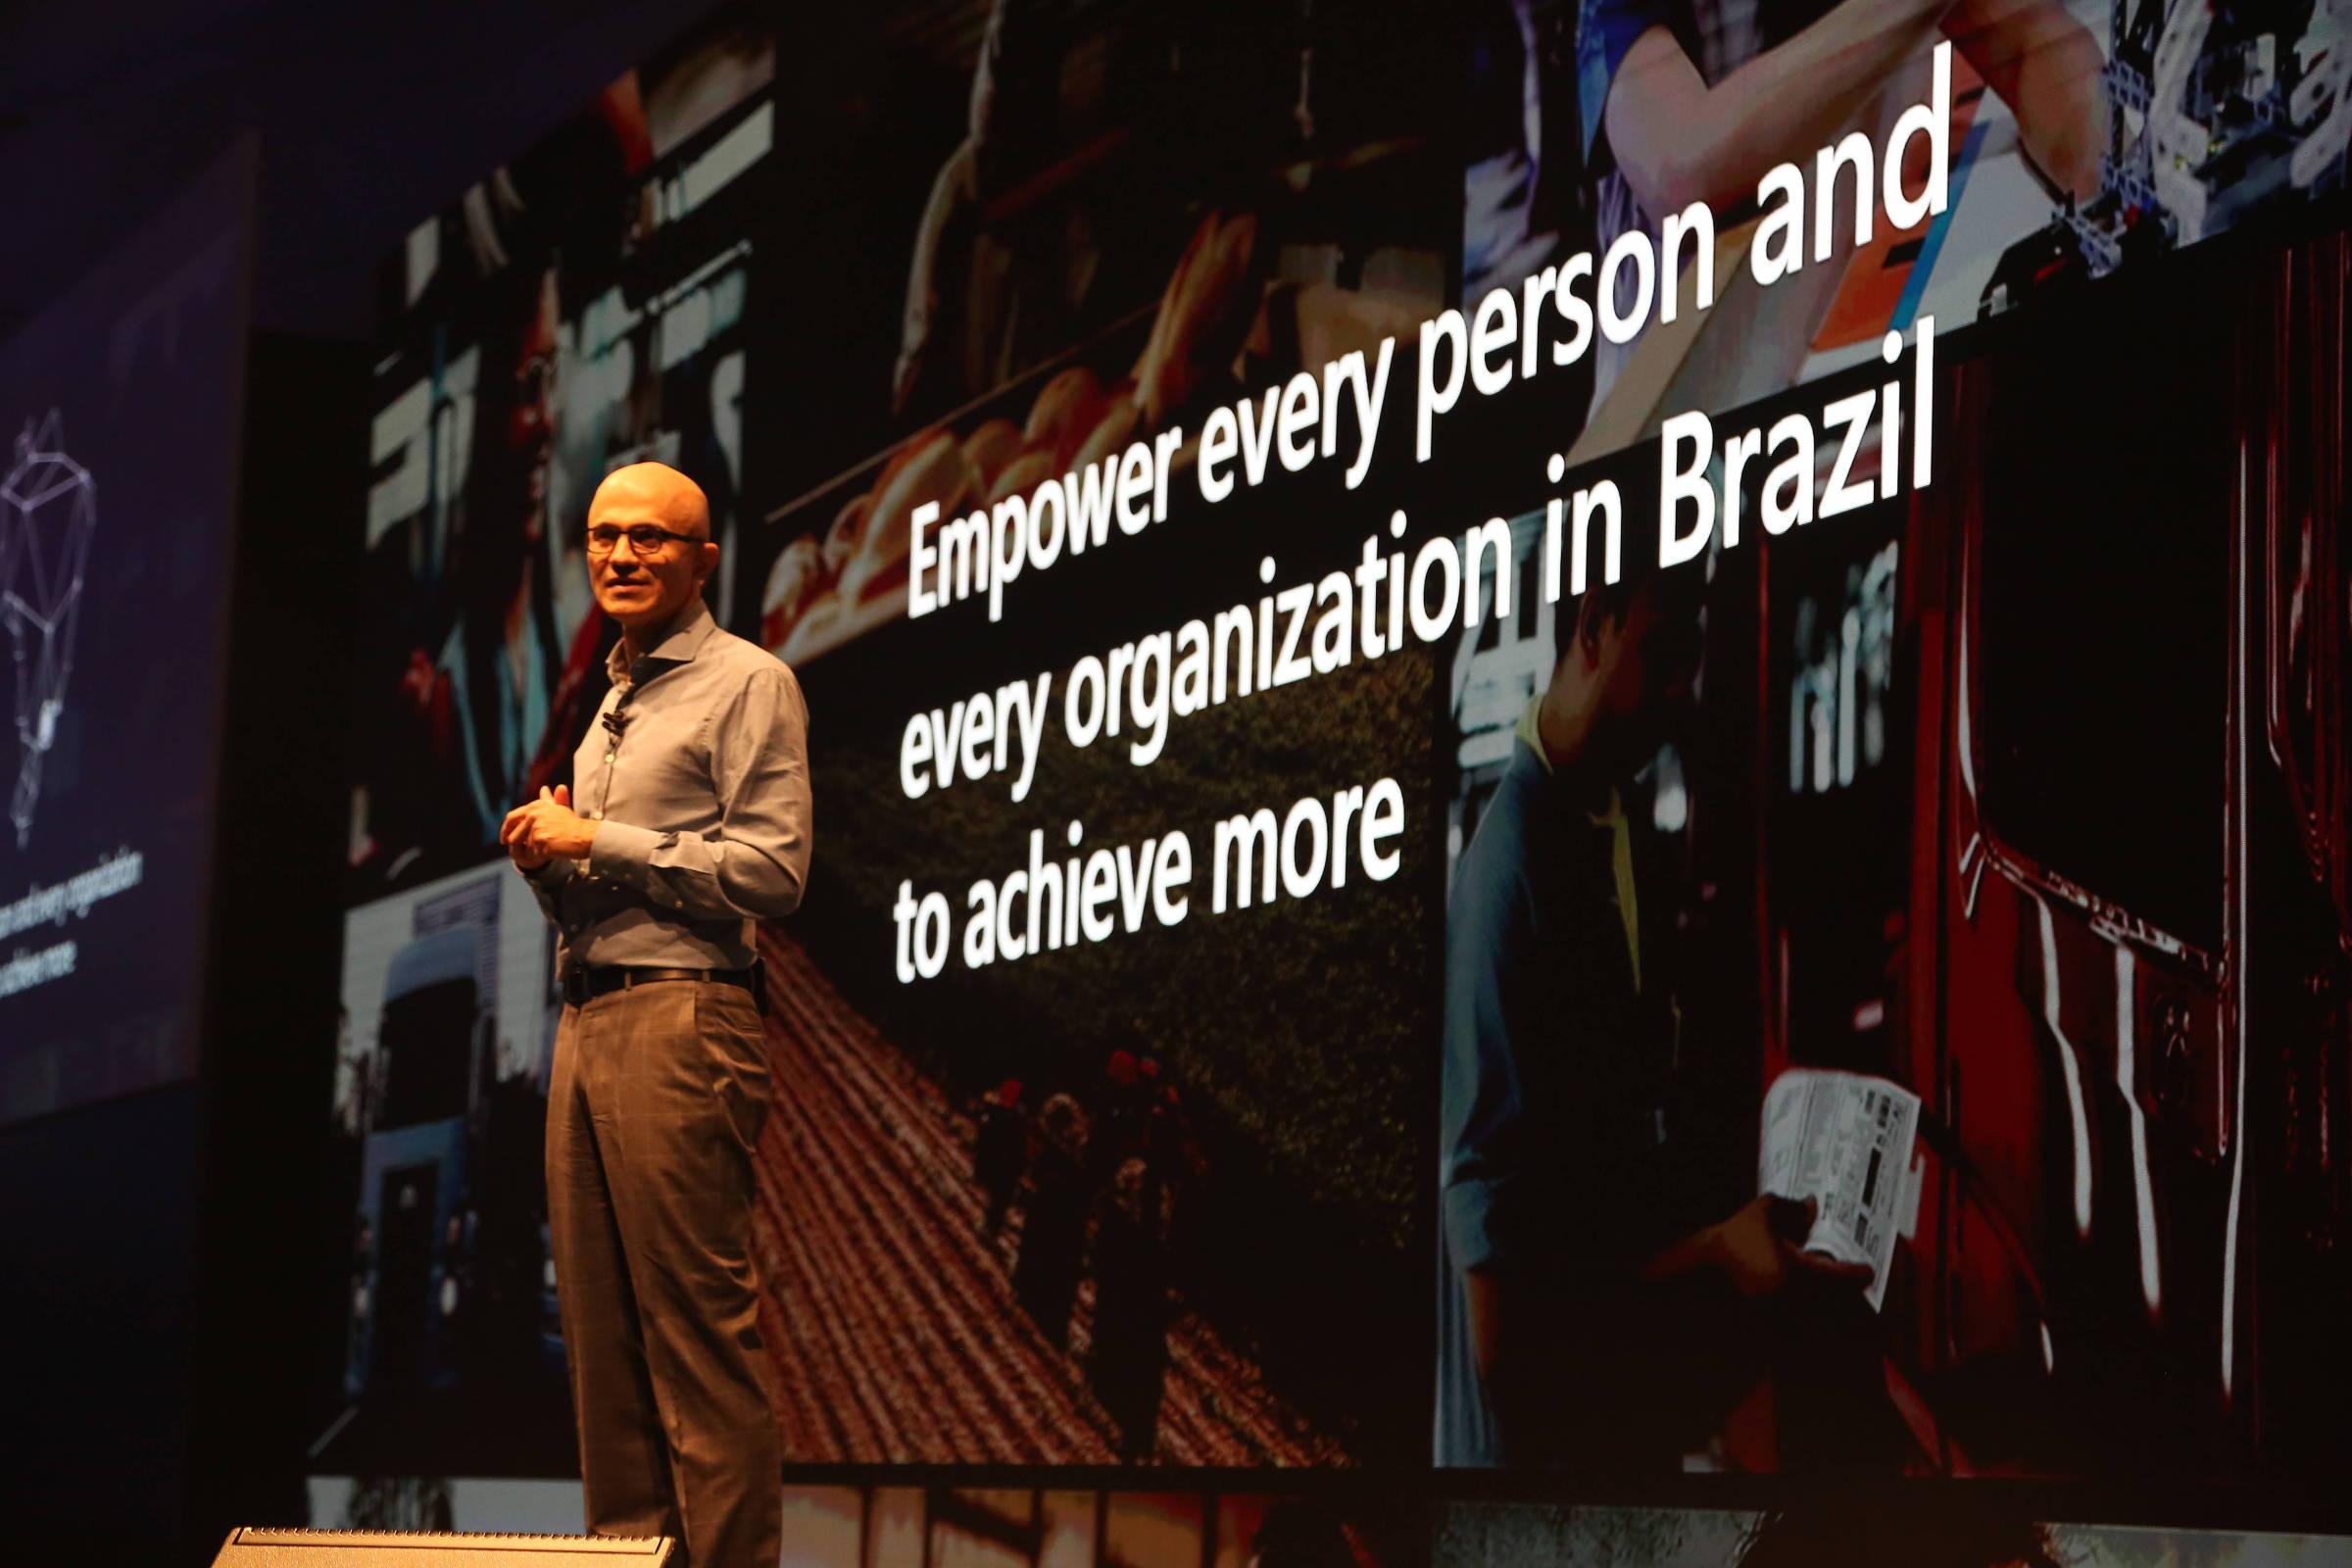 6631ed645f5da Presidente da Microsoft alerta para consequências da tecnologia -  12 02 2019 - Tec - Folha